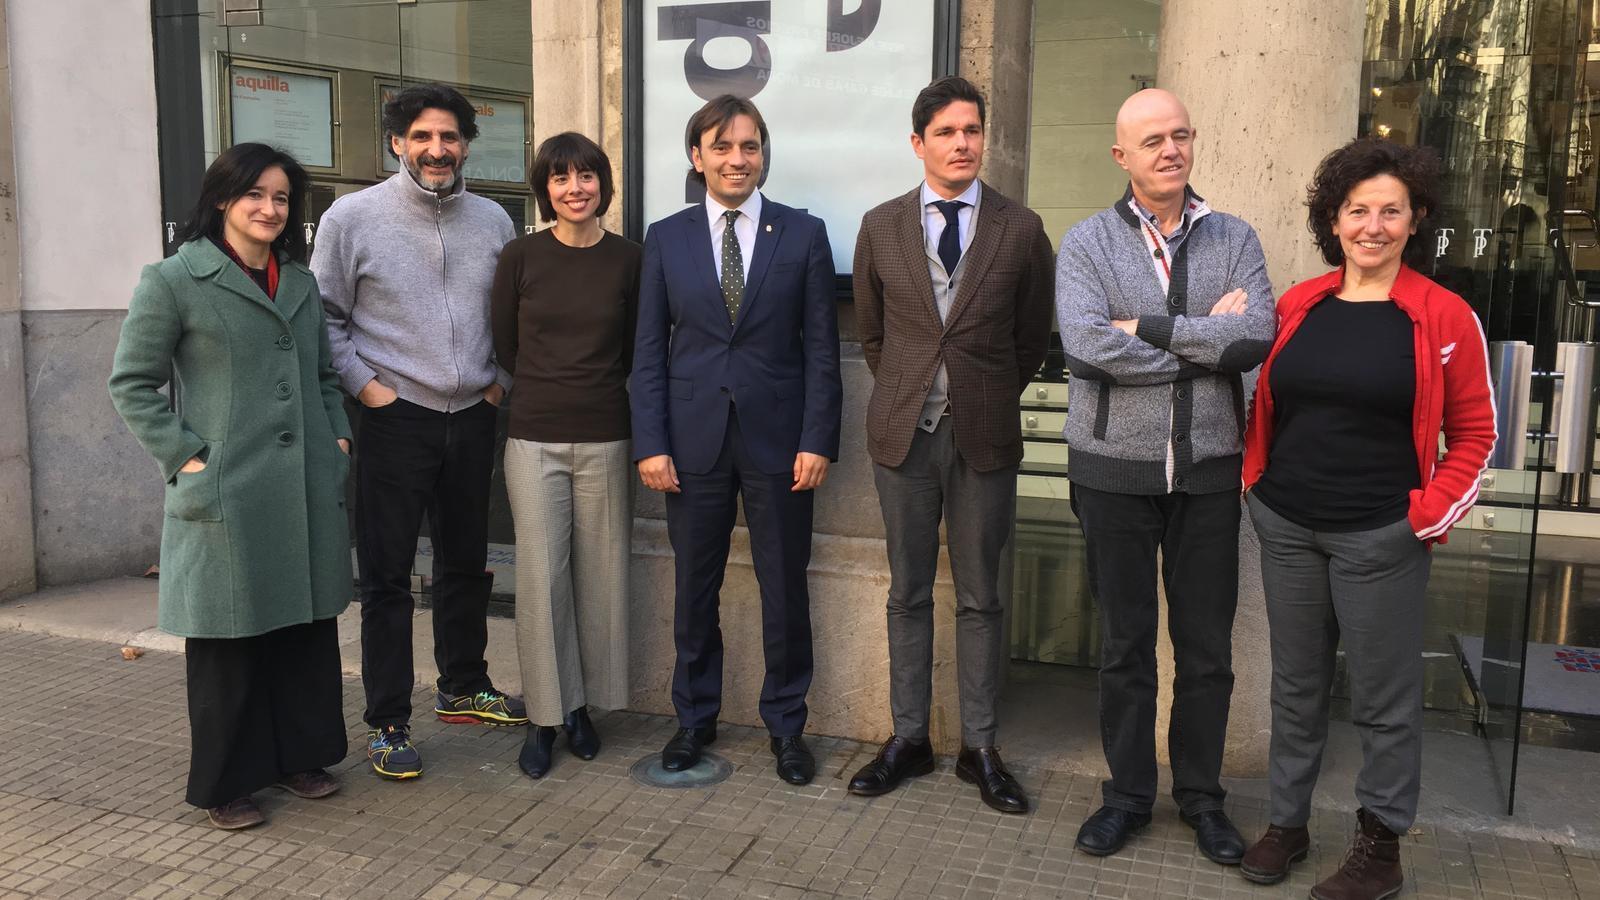 Presentació de les convocatòries de residències al Teatre Principal de Palma.